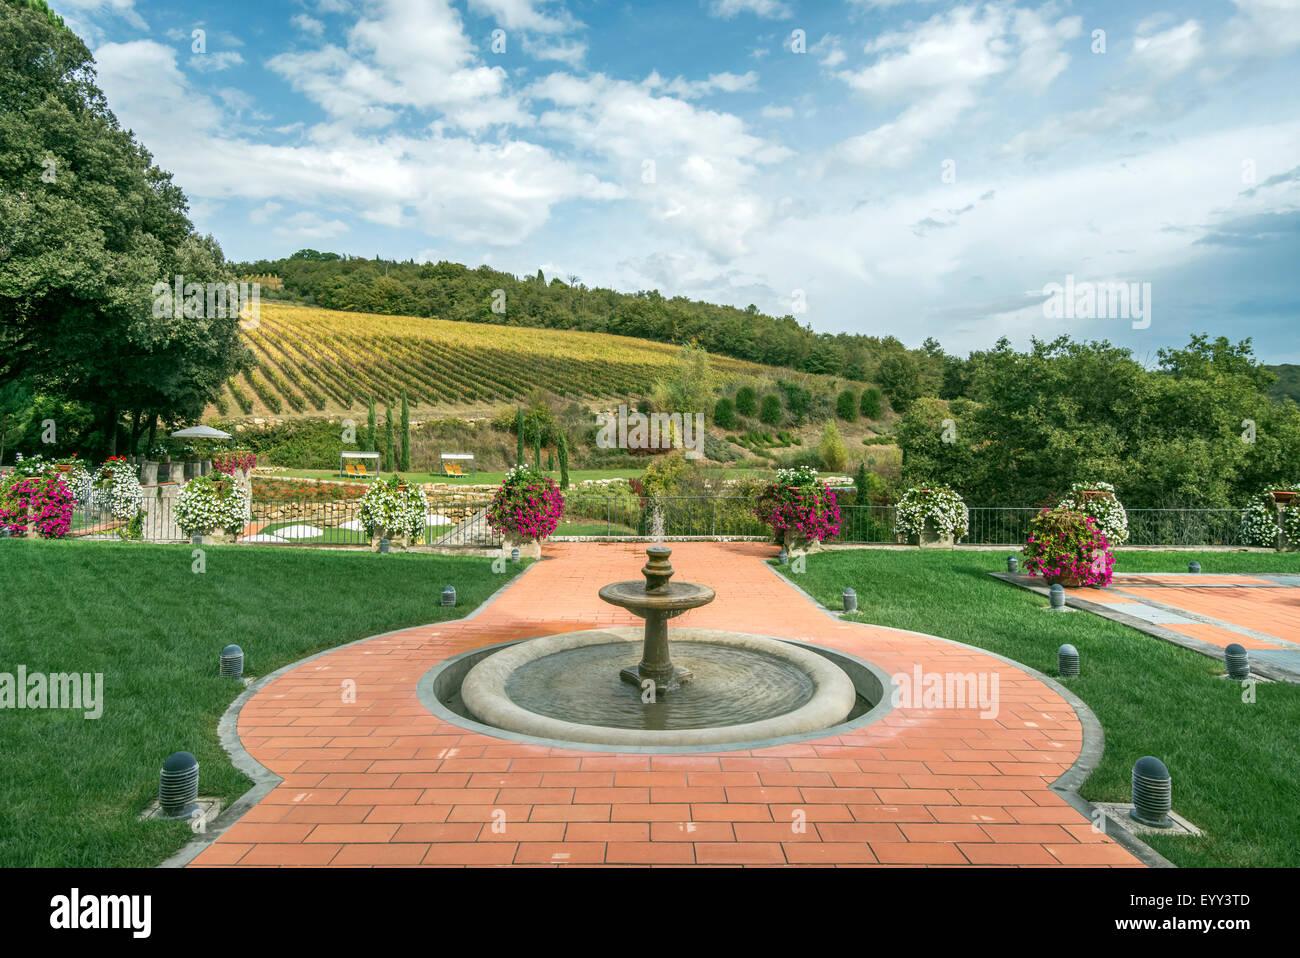 Fontaine et promenade dans un parc paysager de plus de domaines ruraux, Radda in Chianti, Sienne, Italie Photo Stock